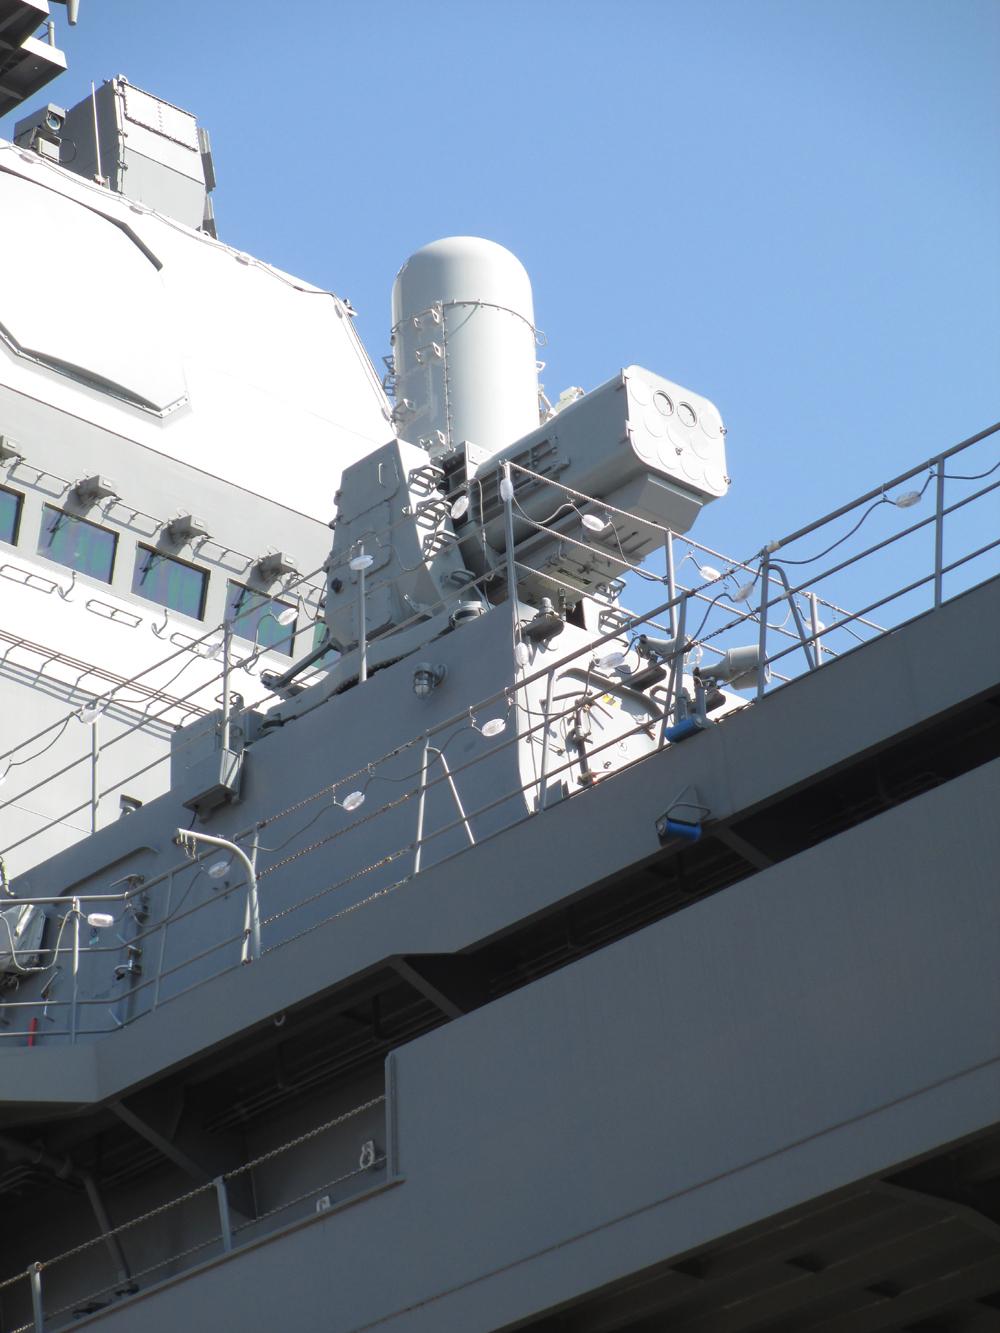 護衛艦いずも 002-01